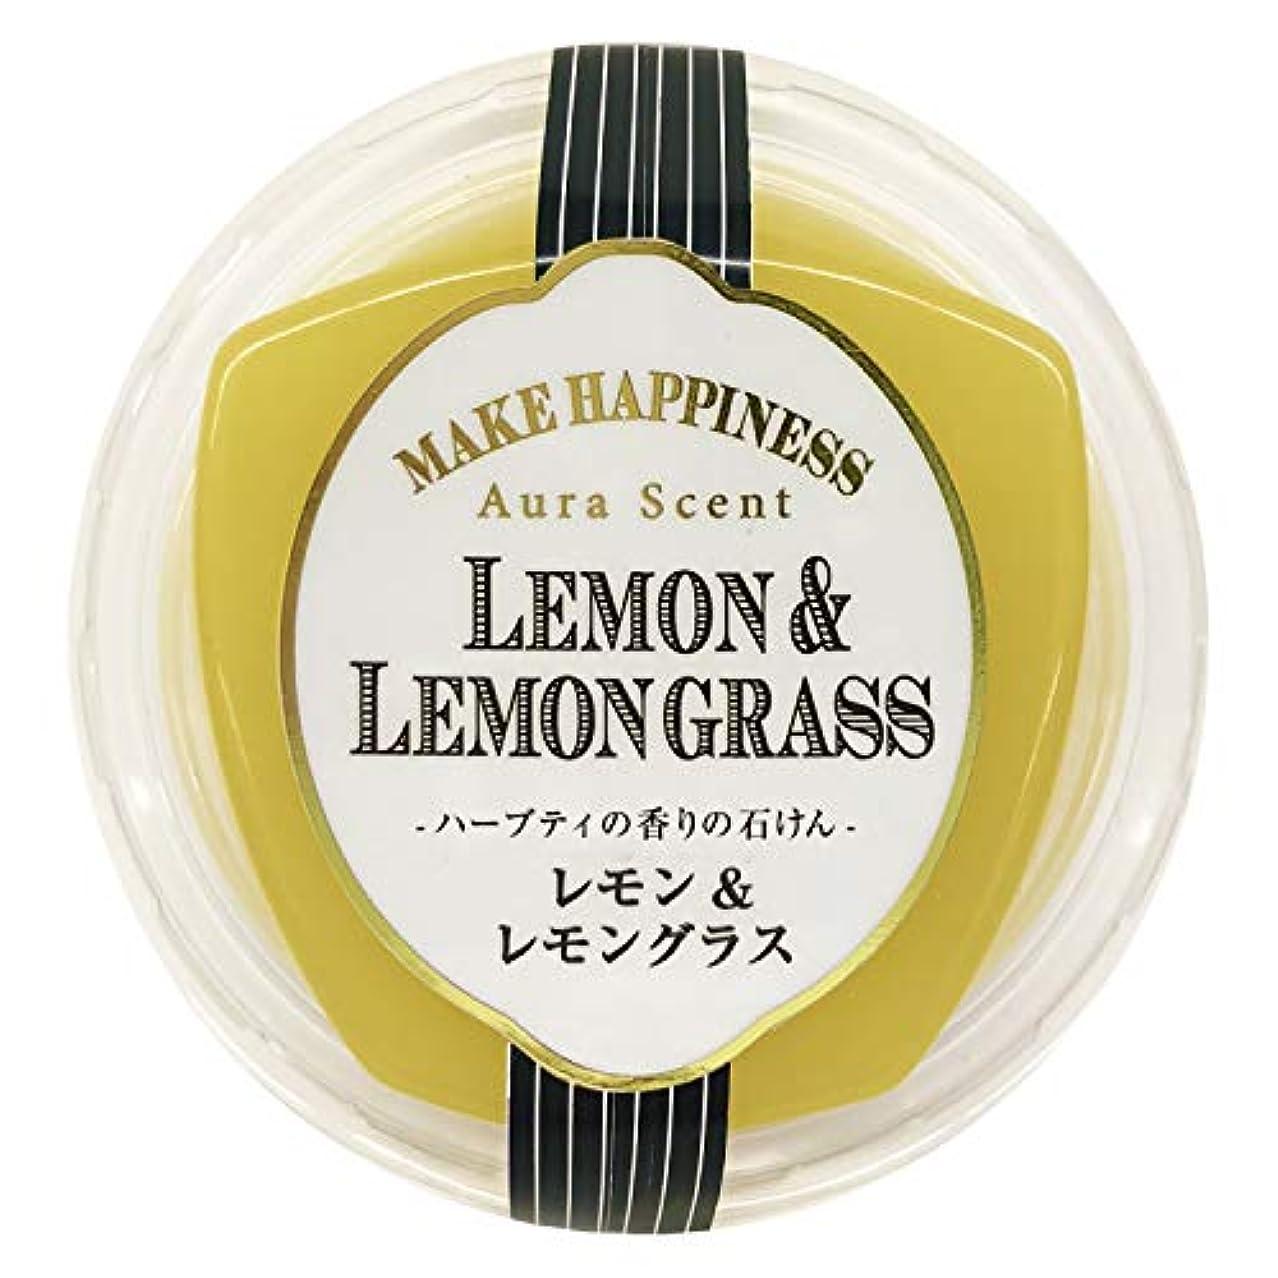 範囲ソーダ水変位ペリカン石鹸 オーラセント クリアソープ レモン&レモングラス 75g